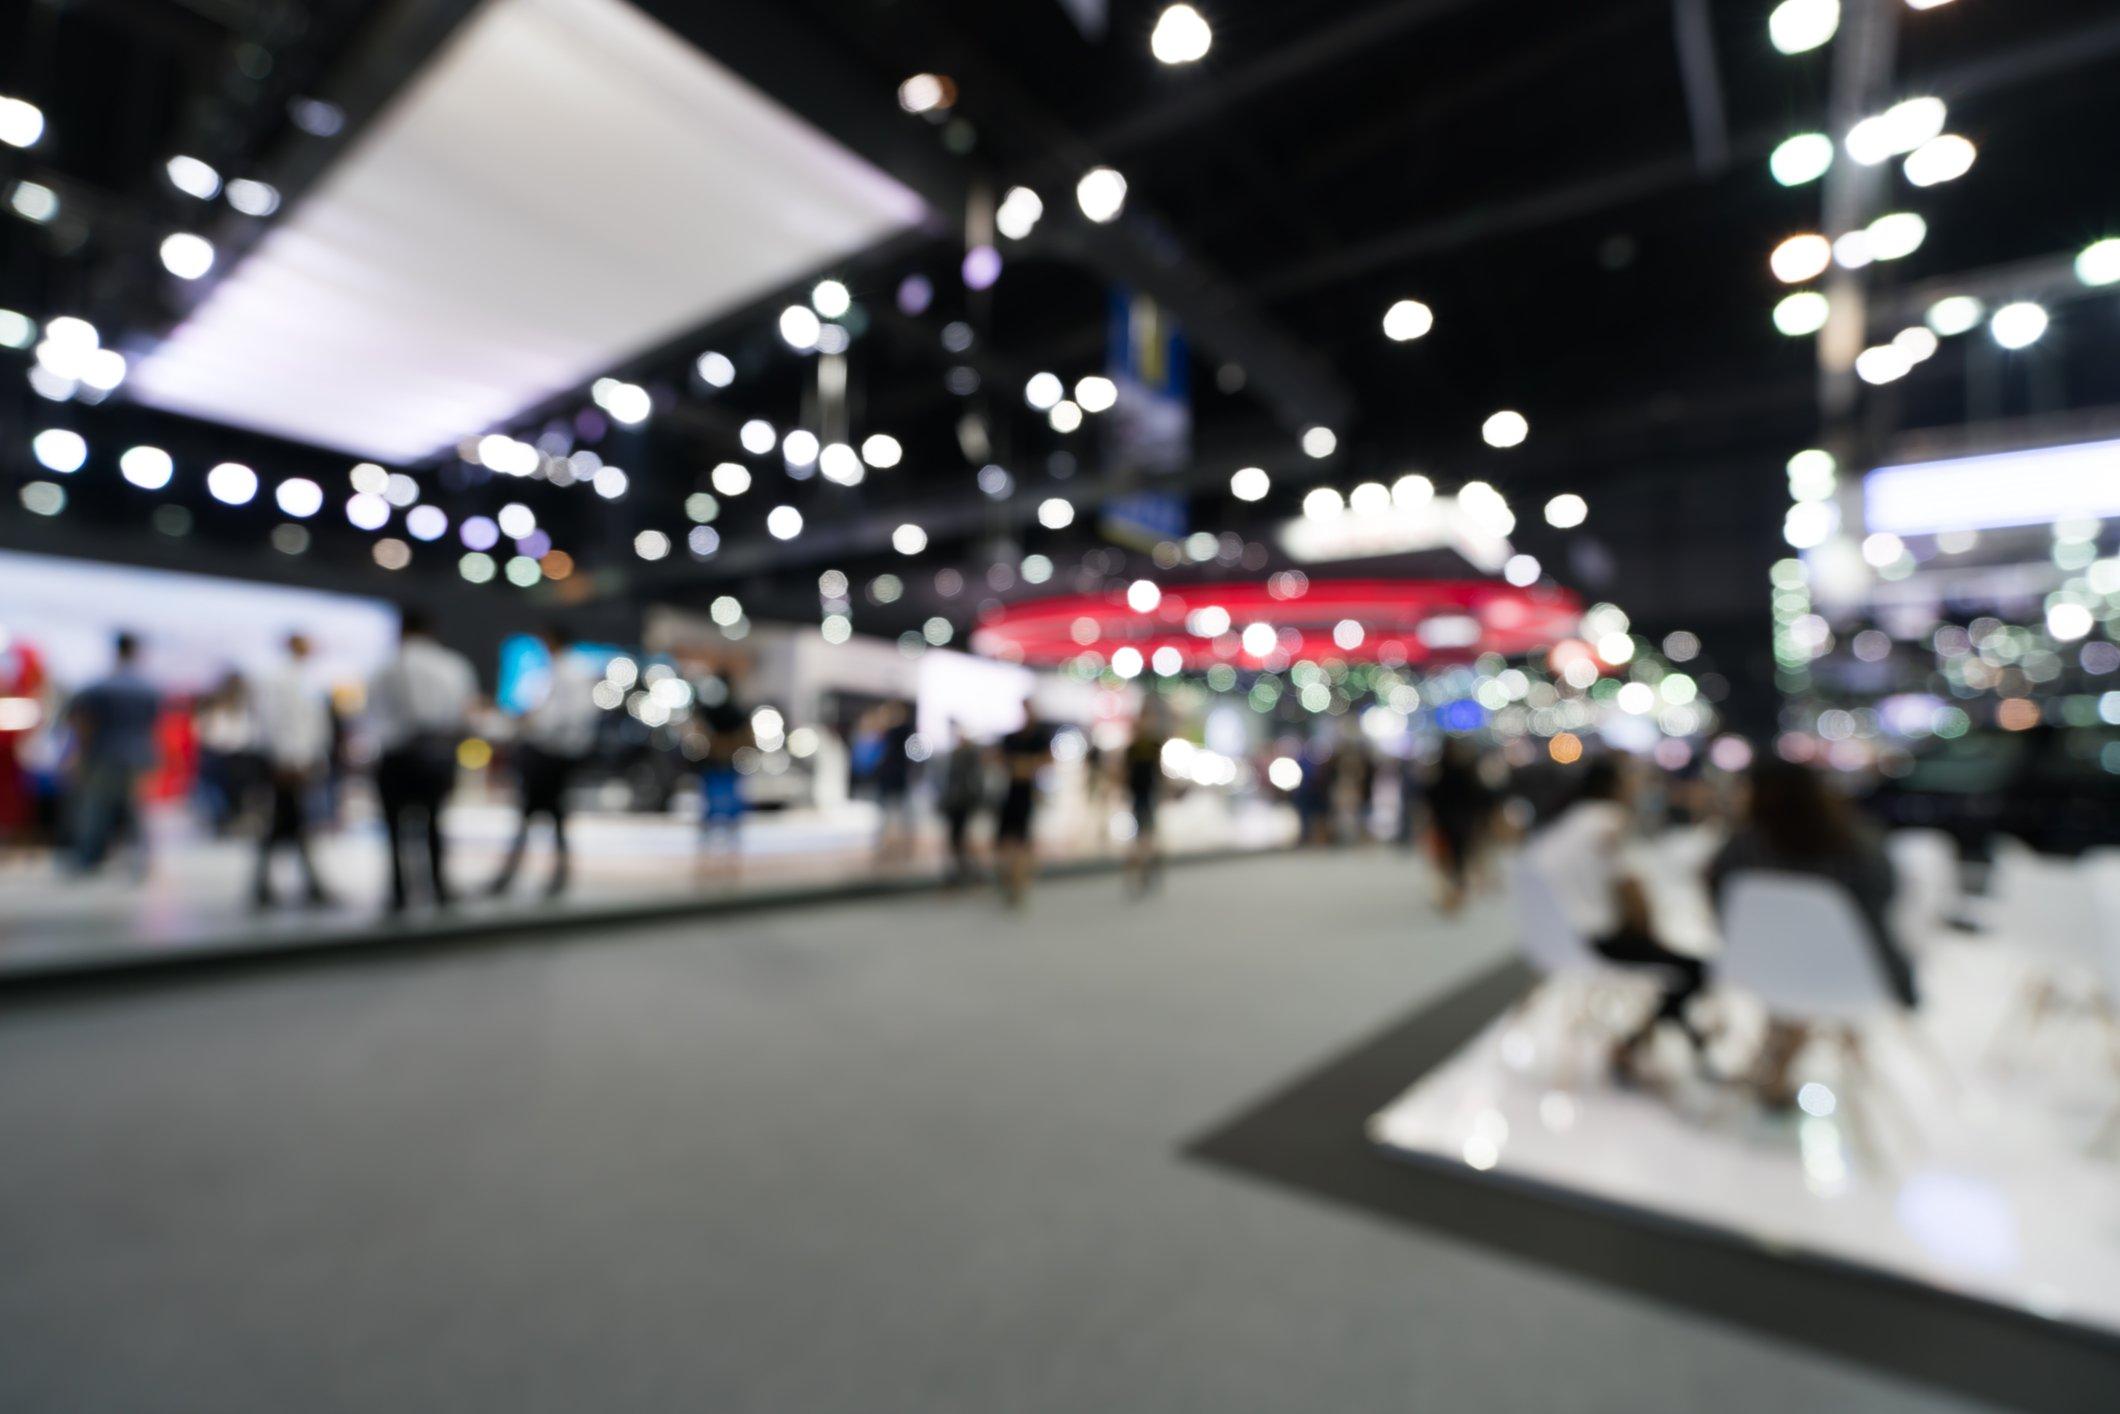 Kiosk Tradeshows Recap